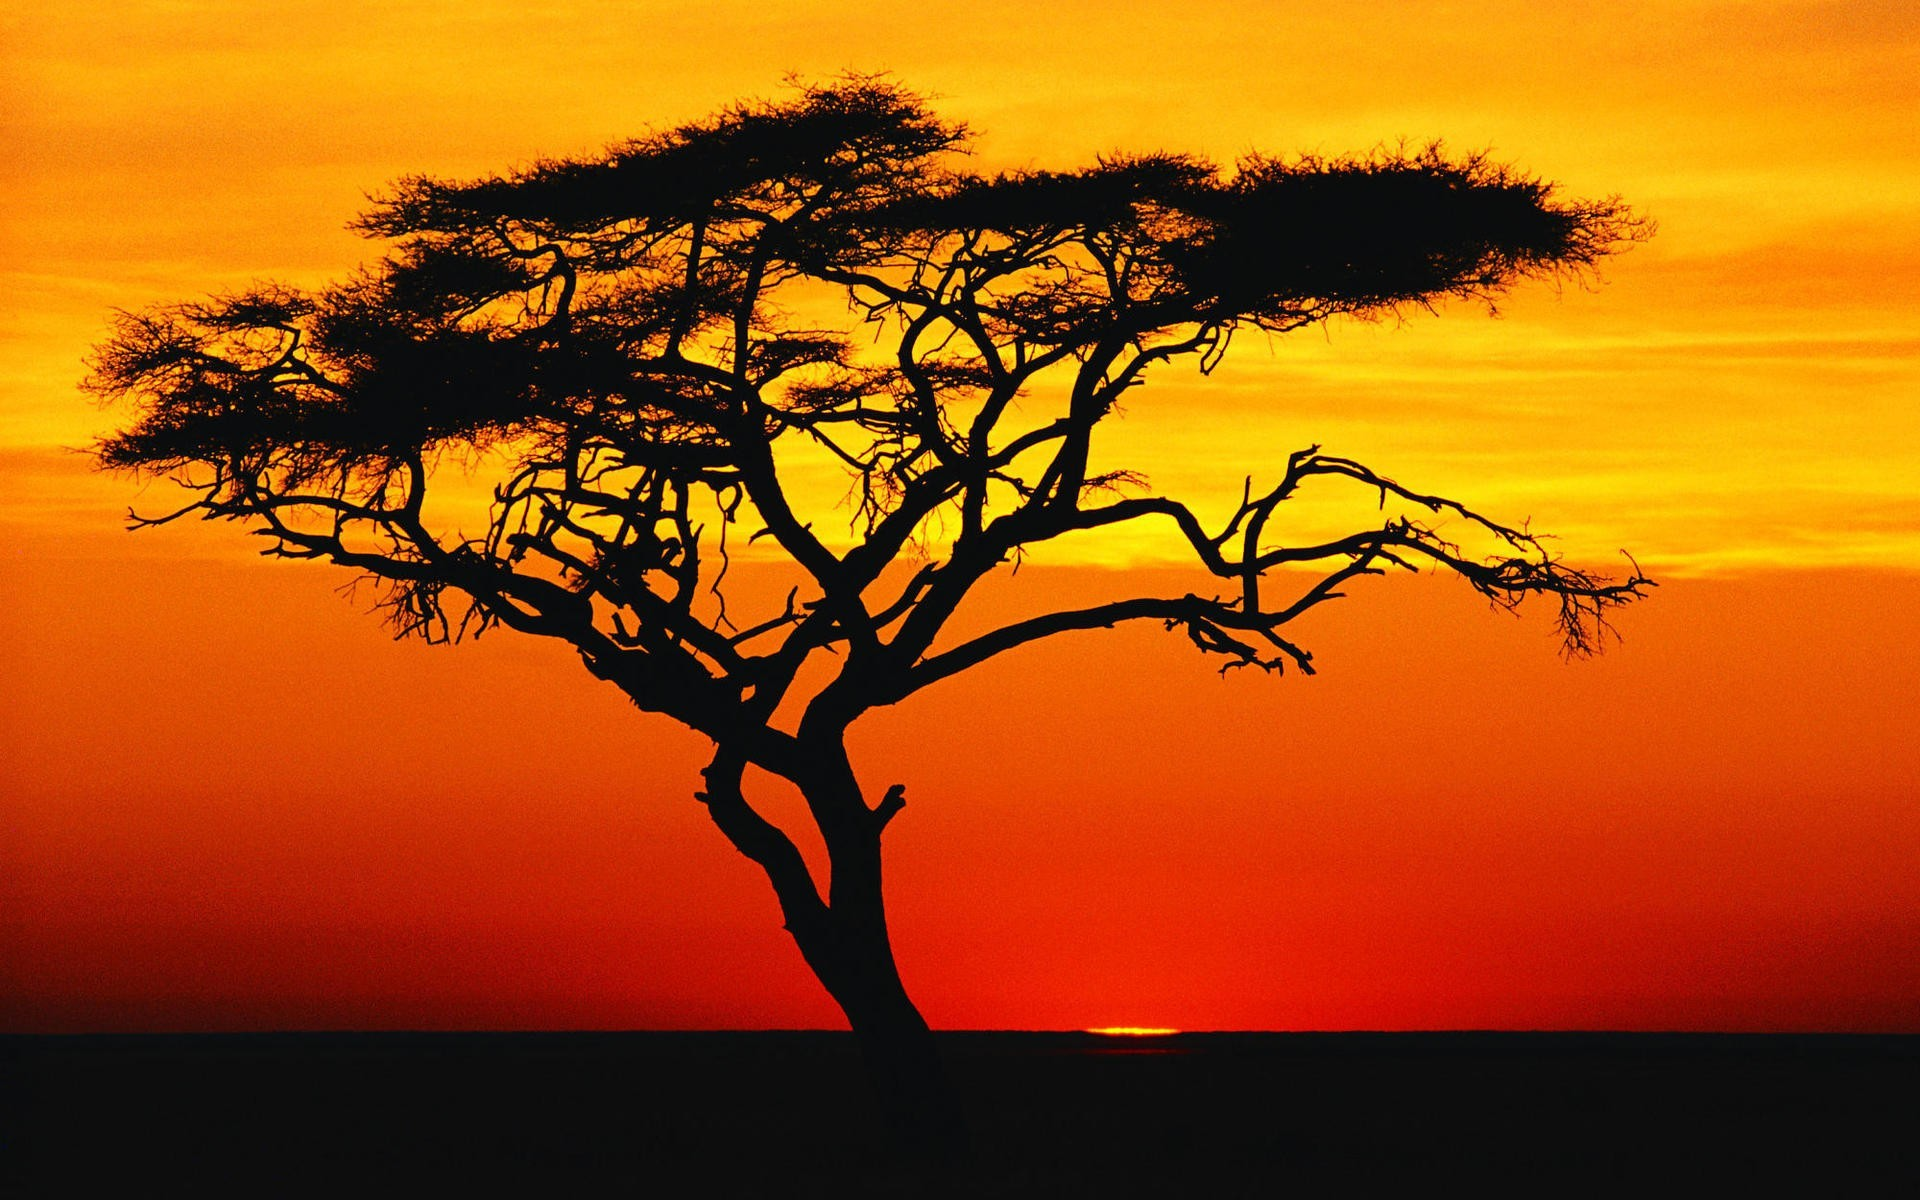 In The Desert clipart desert sunset Sahara capislamcom Iphone on desert